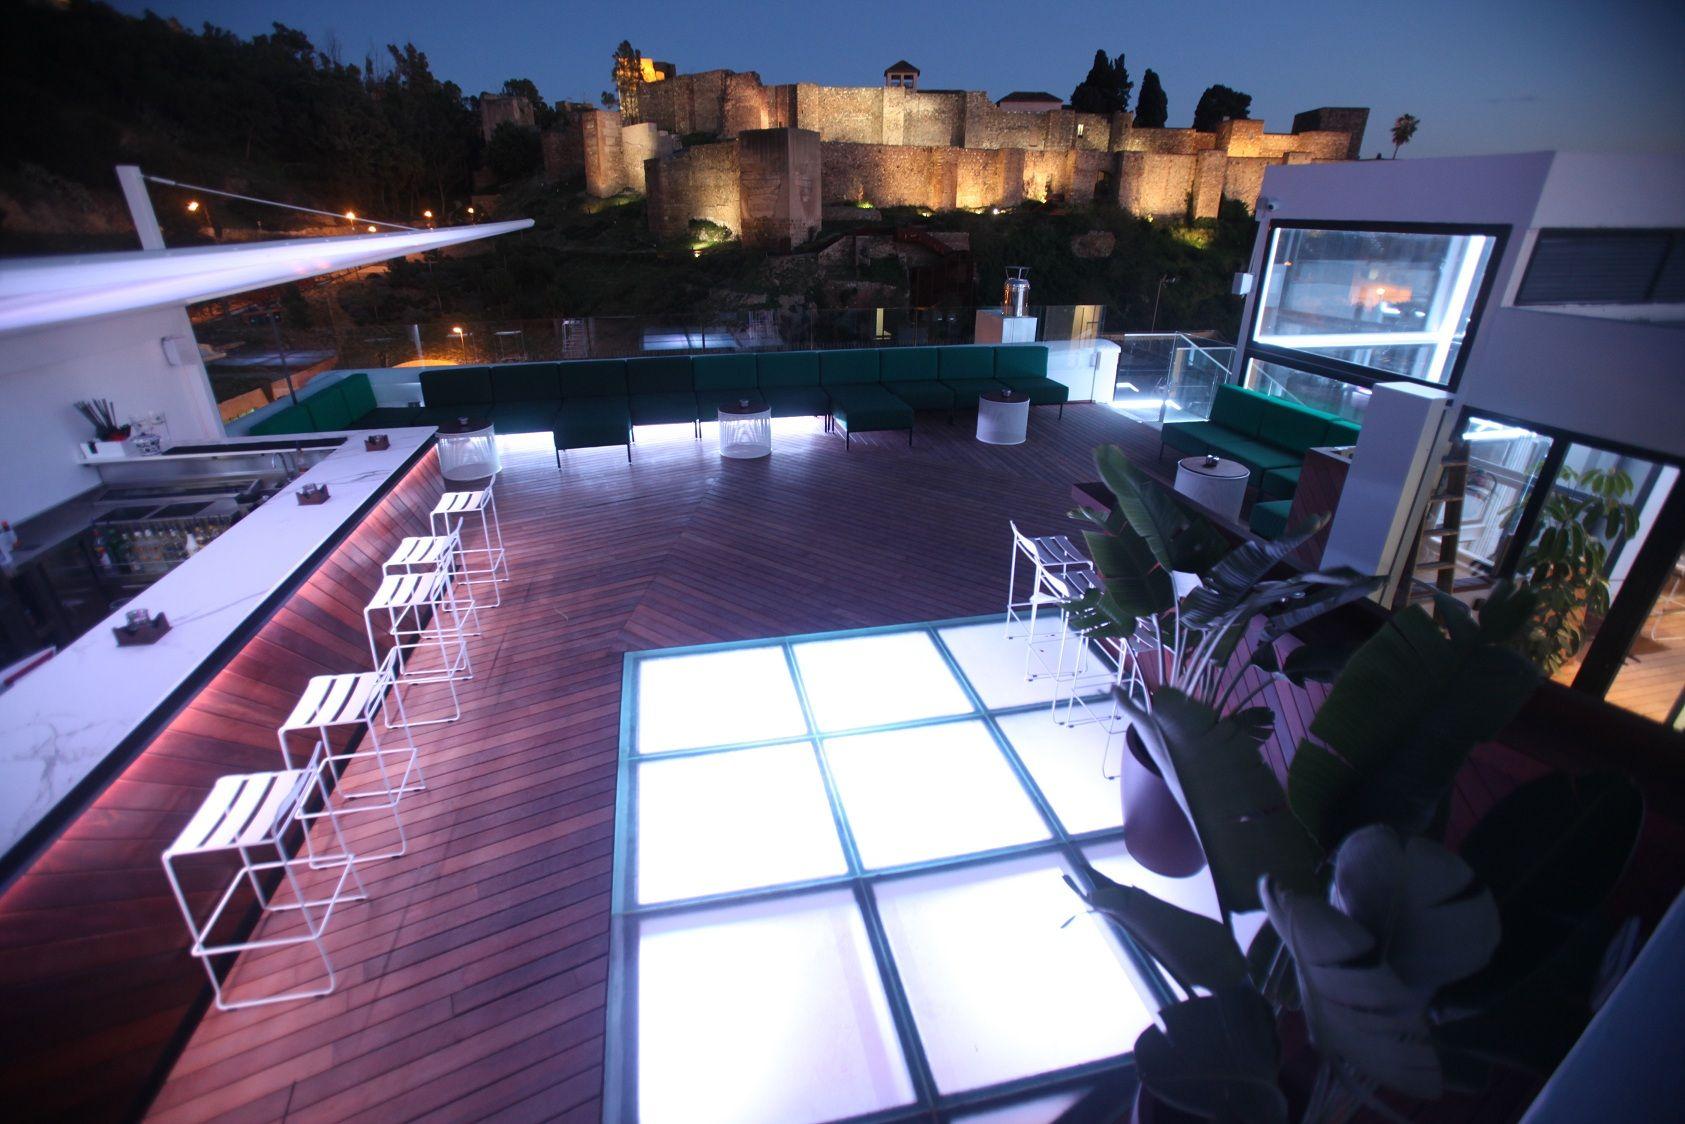 La Terraza De Alcazaba Premium Hostel Tiene Unas Vistas Inmejorables Con Las Mejores Perspectivas De La Alcazaba De Malaga Y Malaga Vistas Terrazas Chill Out